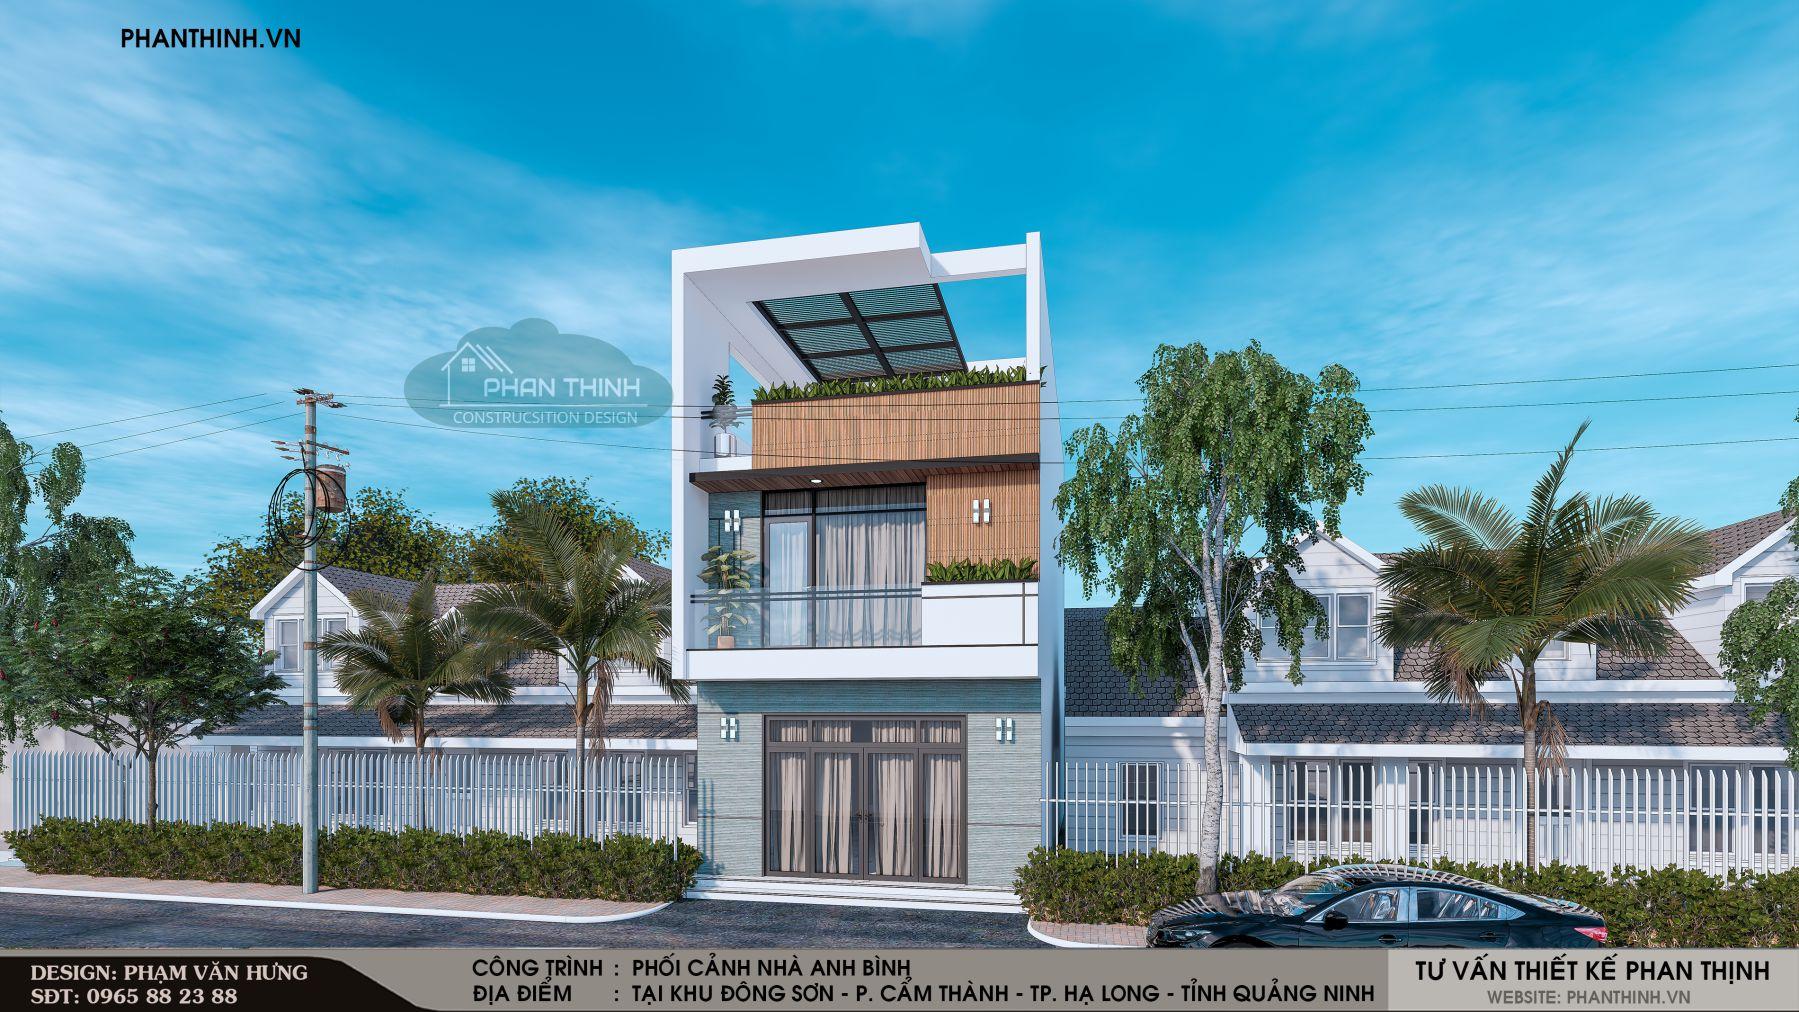 Mẫu nhà 2 tầng 1 tum đẹp tại Quảng Ninh năm 2019